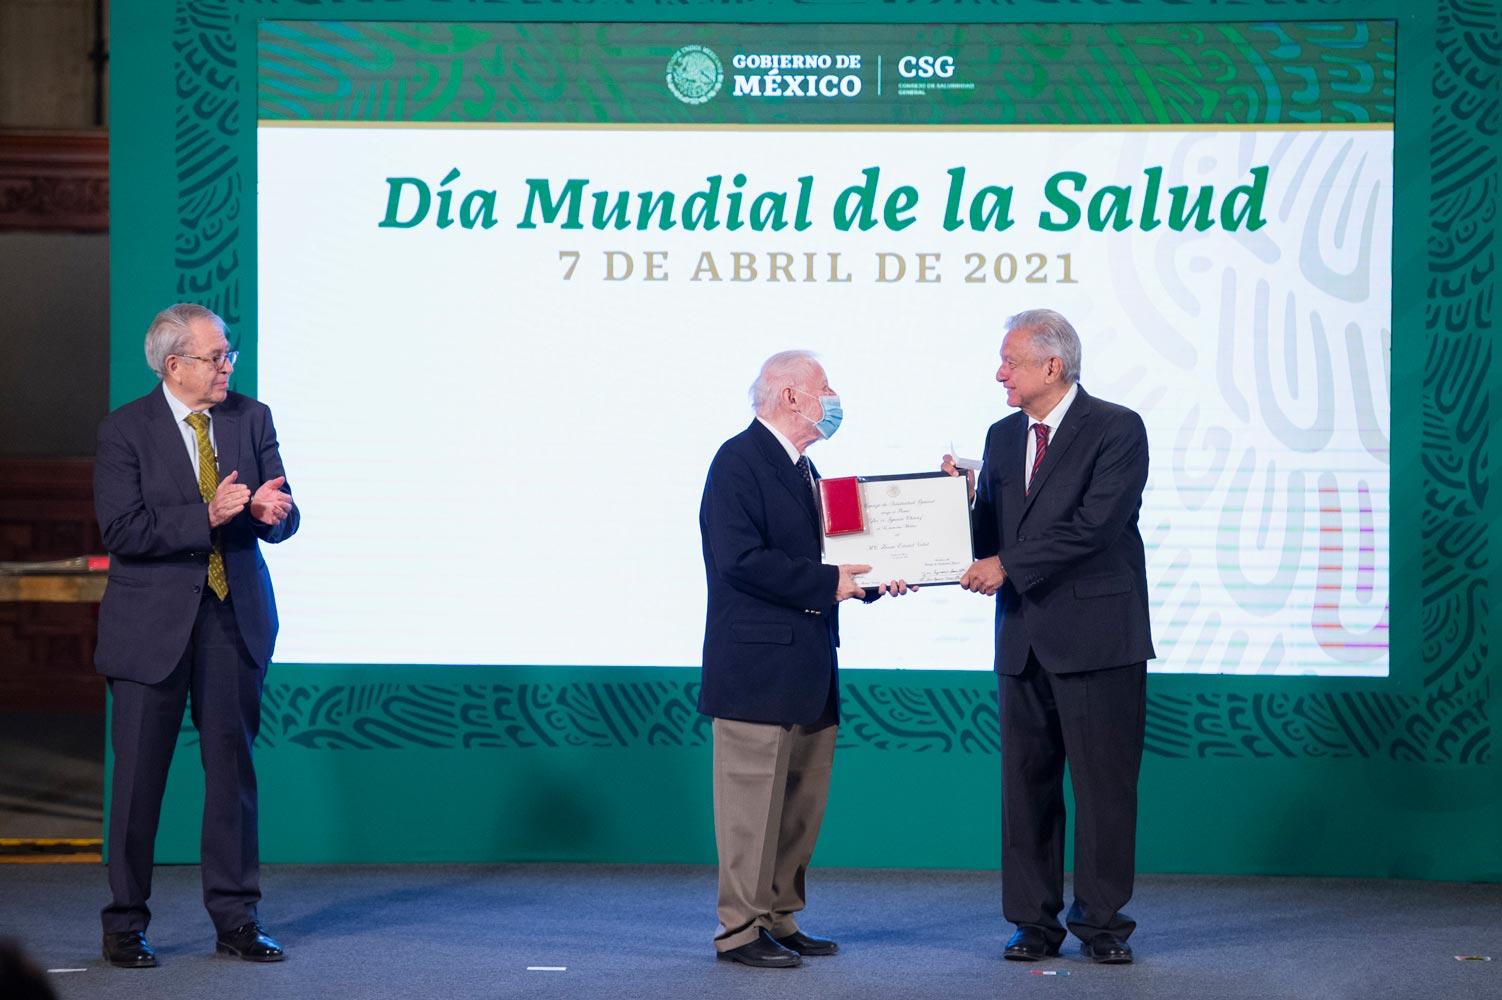 Con condecoraciones a personal médico el presidente conmemoró el Día Mundial de la Salud.